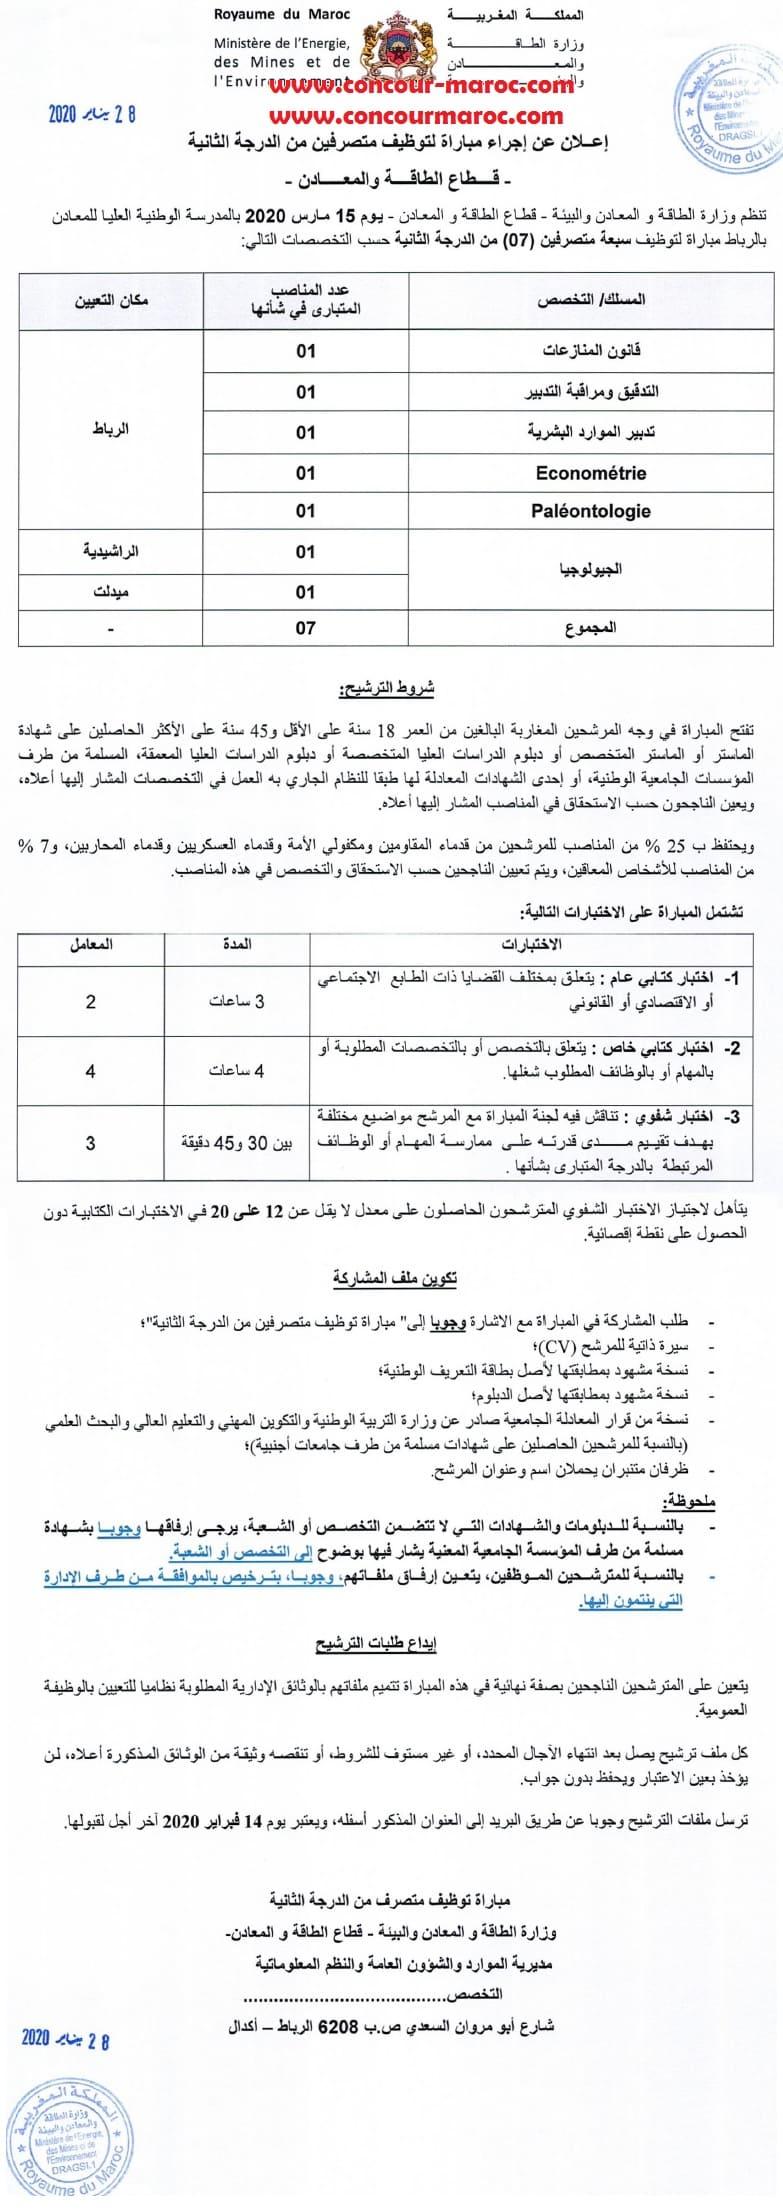 وزارة الطاقة والمعادن : مباراة توظيف 58 منصب في مختلف الدرجات و التخصصات آخر أجل 14 فبراير 2020 Io_aao26